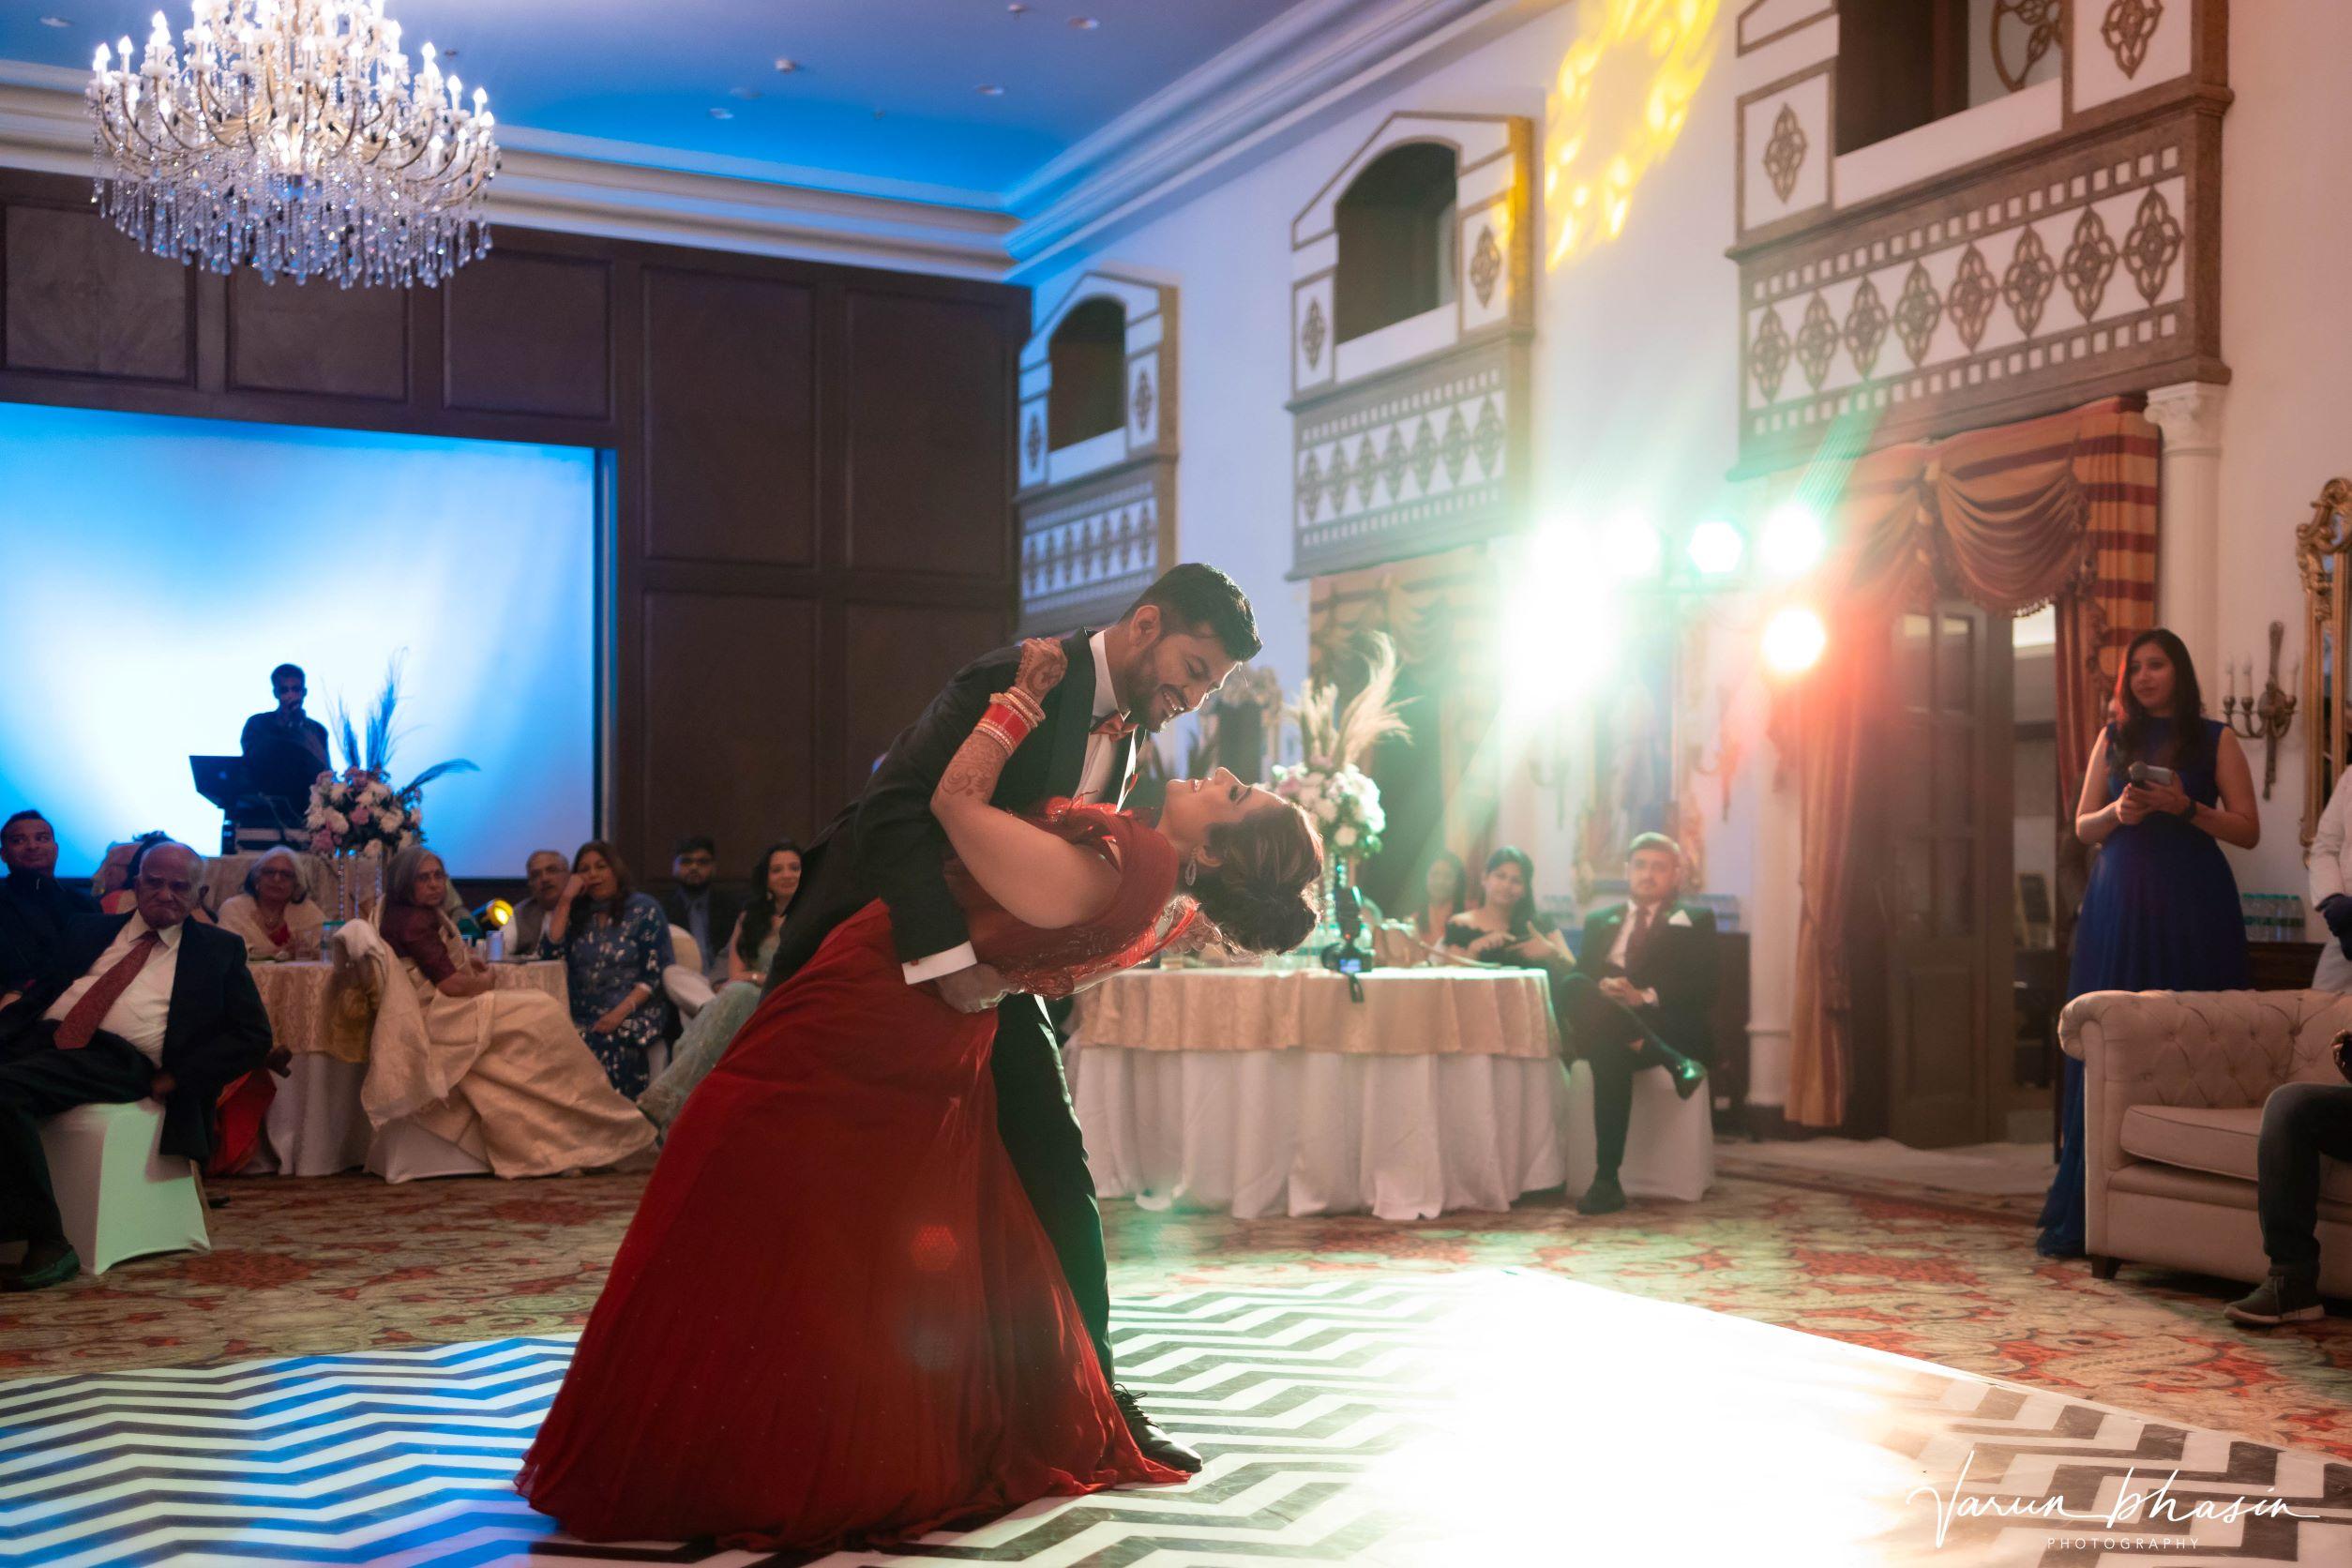 bride dancing with her groom